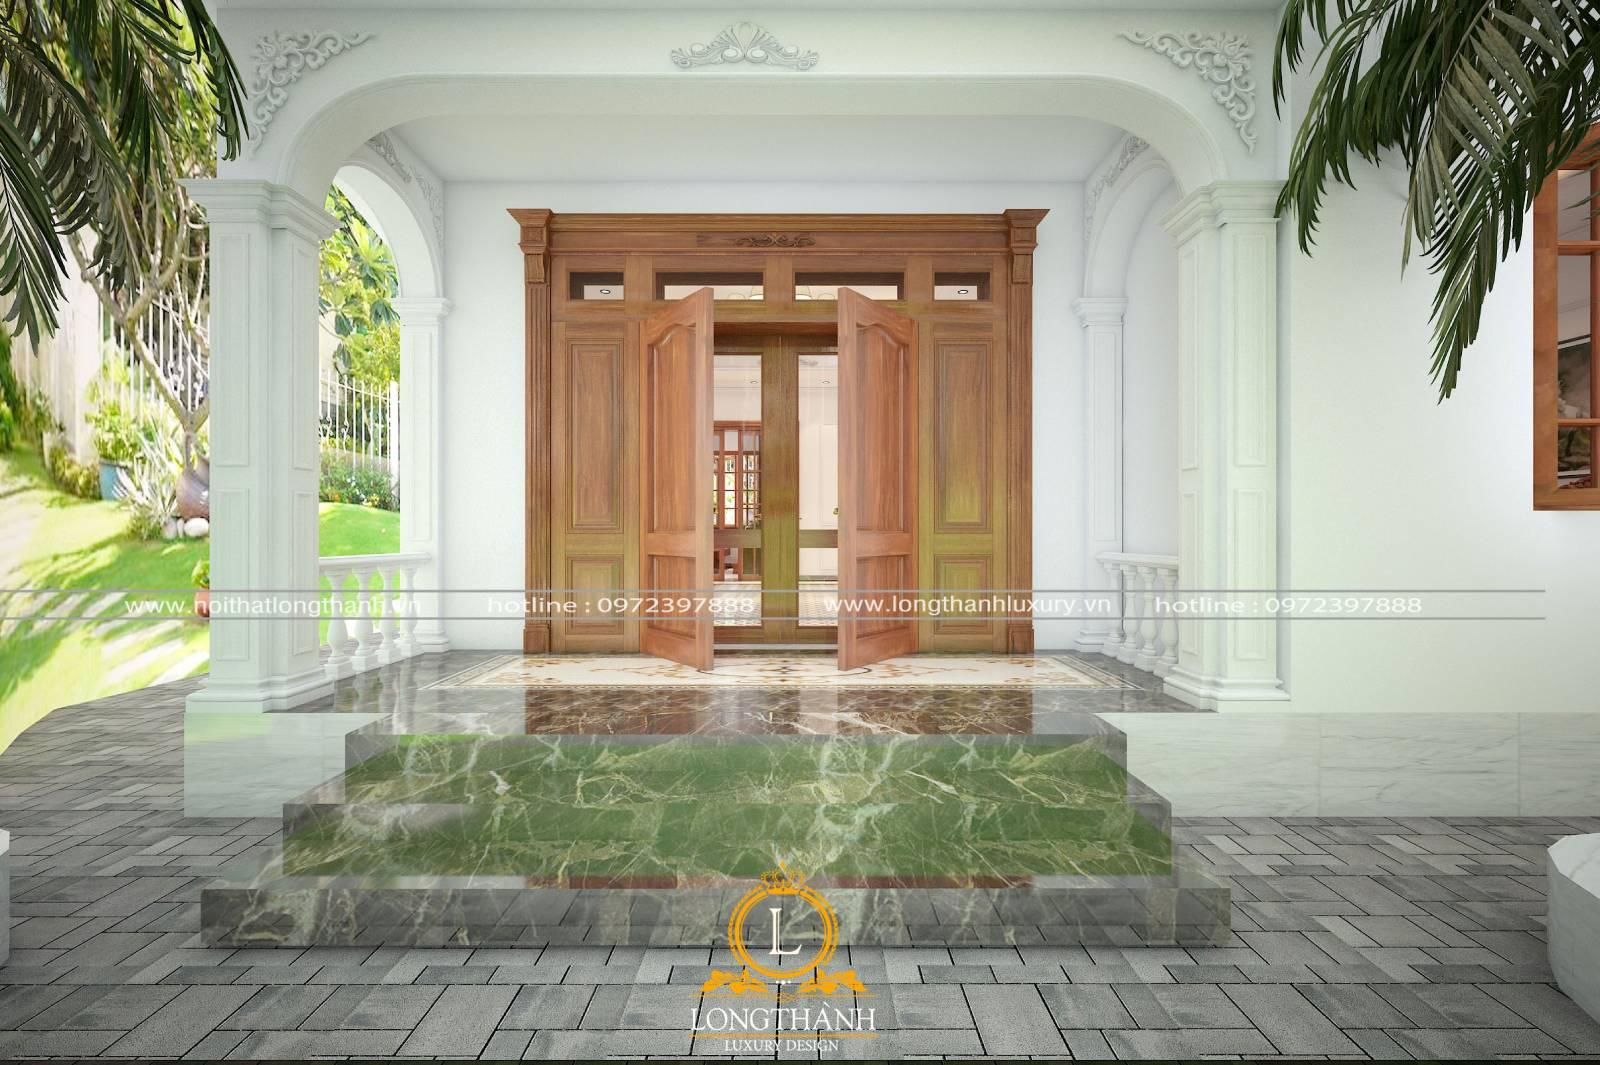 Cửa 4 cánh thường dành cho các không gian nhà rộng như biệt thự